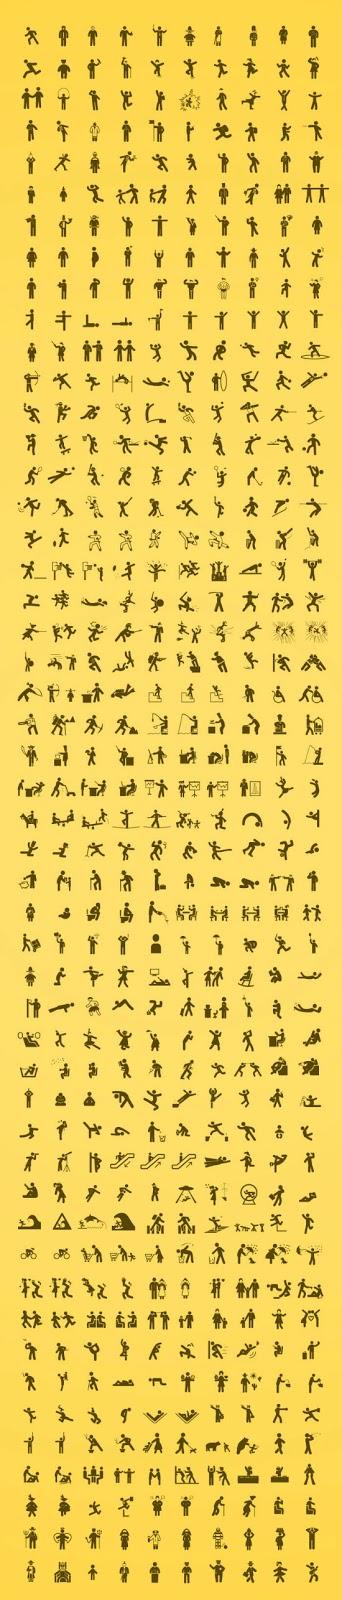 iconos de pictogramas de personas gratis